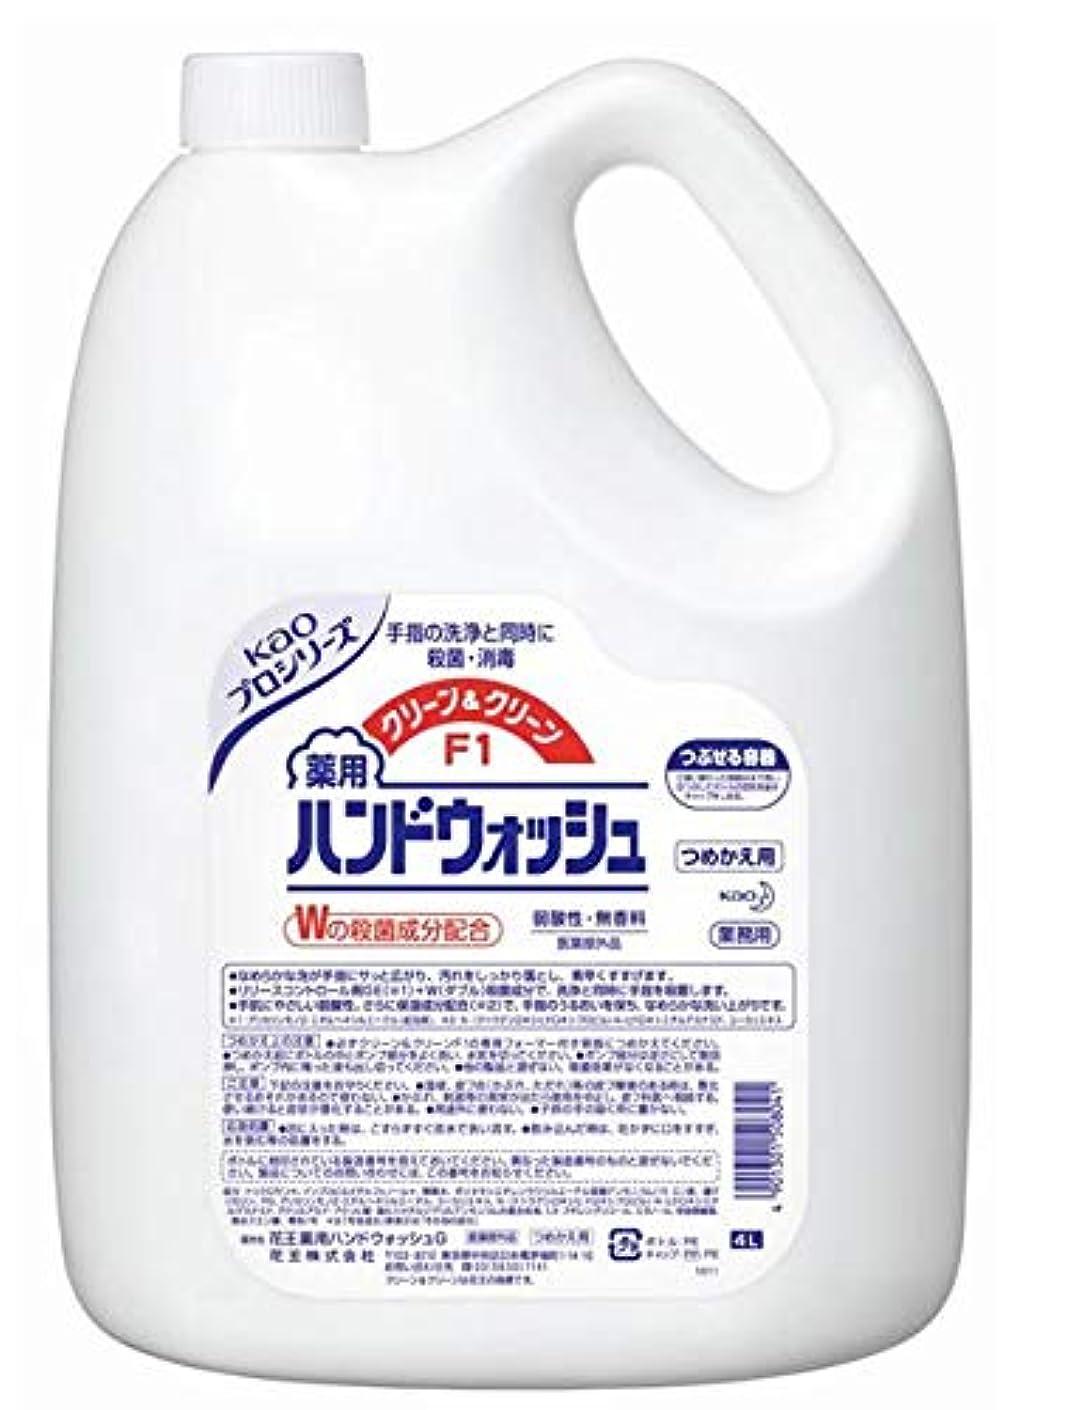 上に築きます安心させる石鹸花王 クリーン&クリーンF1 薬用ハンドウォッシュ 4リットル 3缶セット